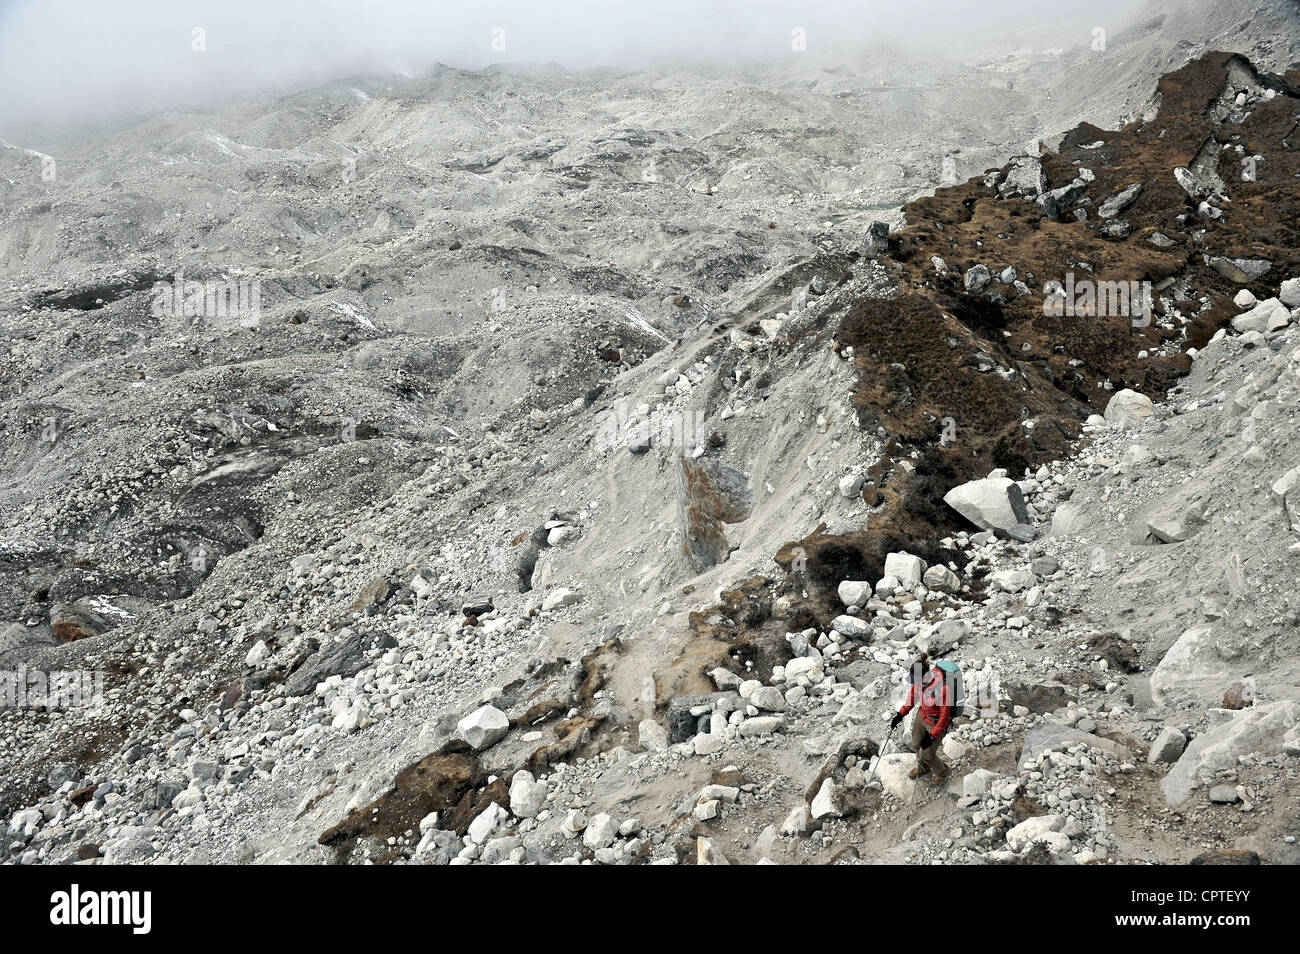 Female trekker descending across the moraine of the Nguzumpa Glacier, Nepal - Stock Image